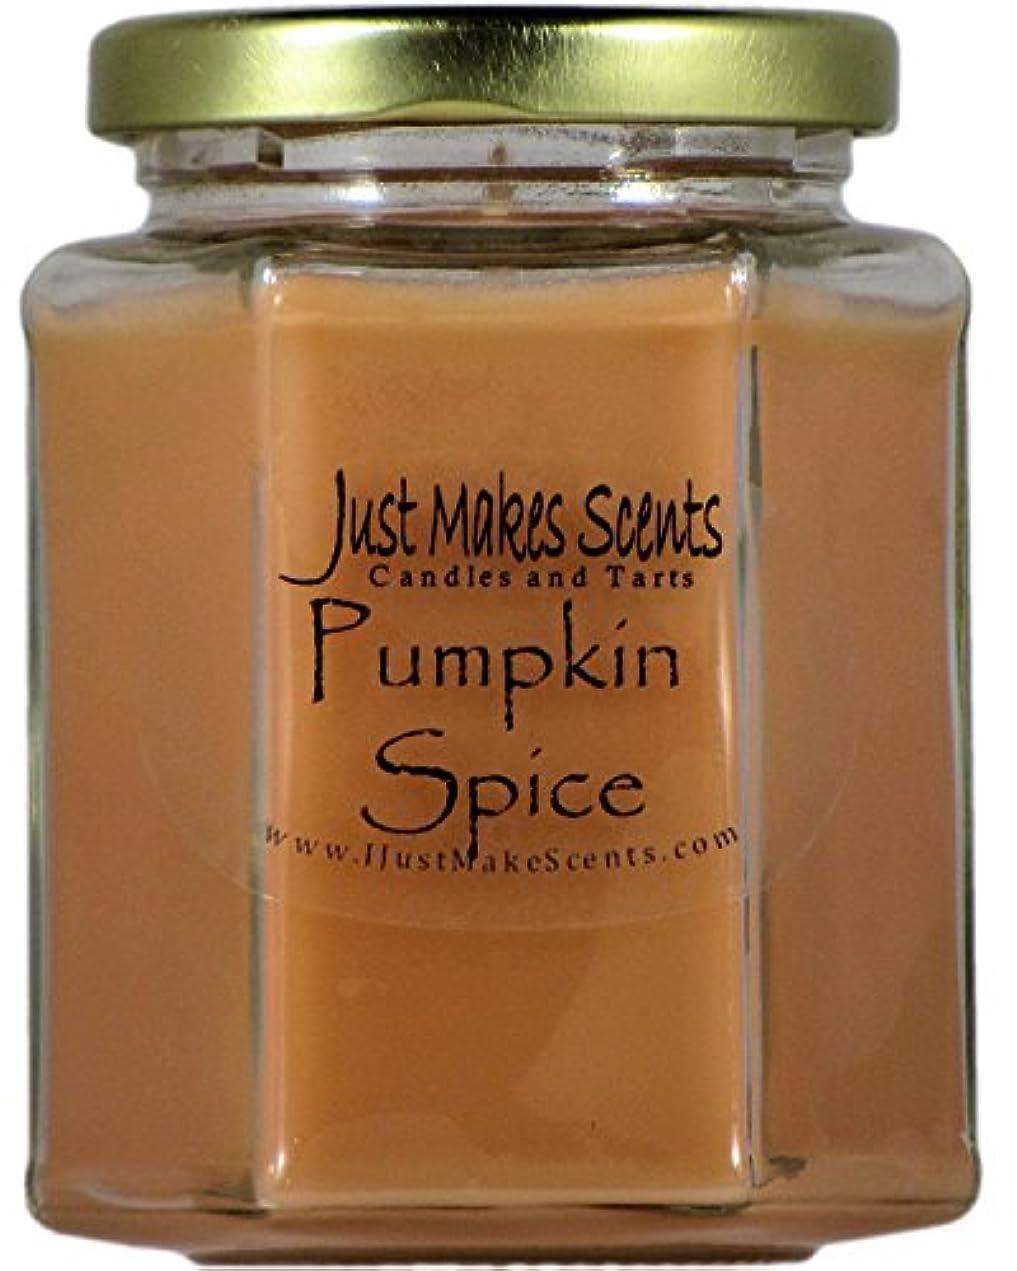 バス医師コーンPumpkin Spice香りつきBlended Soy Candle | Great Smelling Fall Fragrance |手Poured in the USA by Just Makes Scents